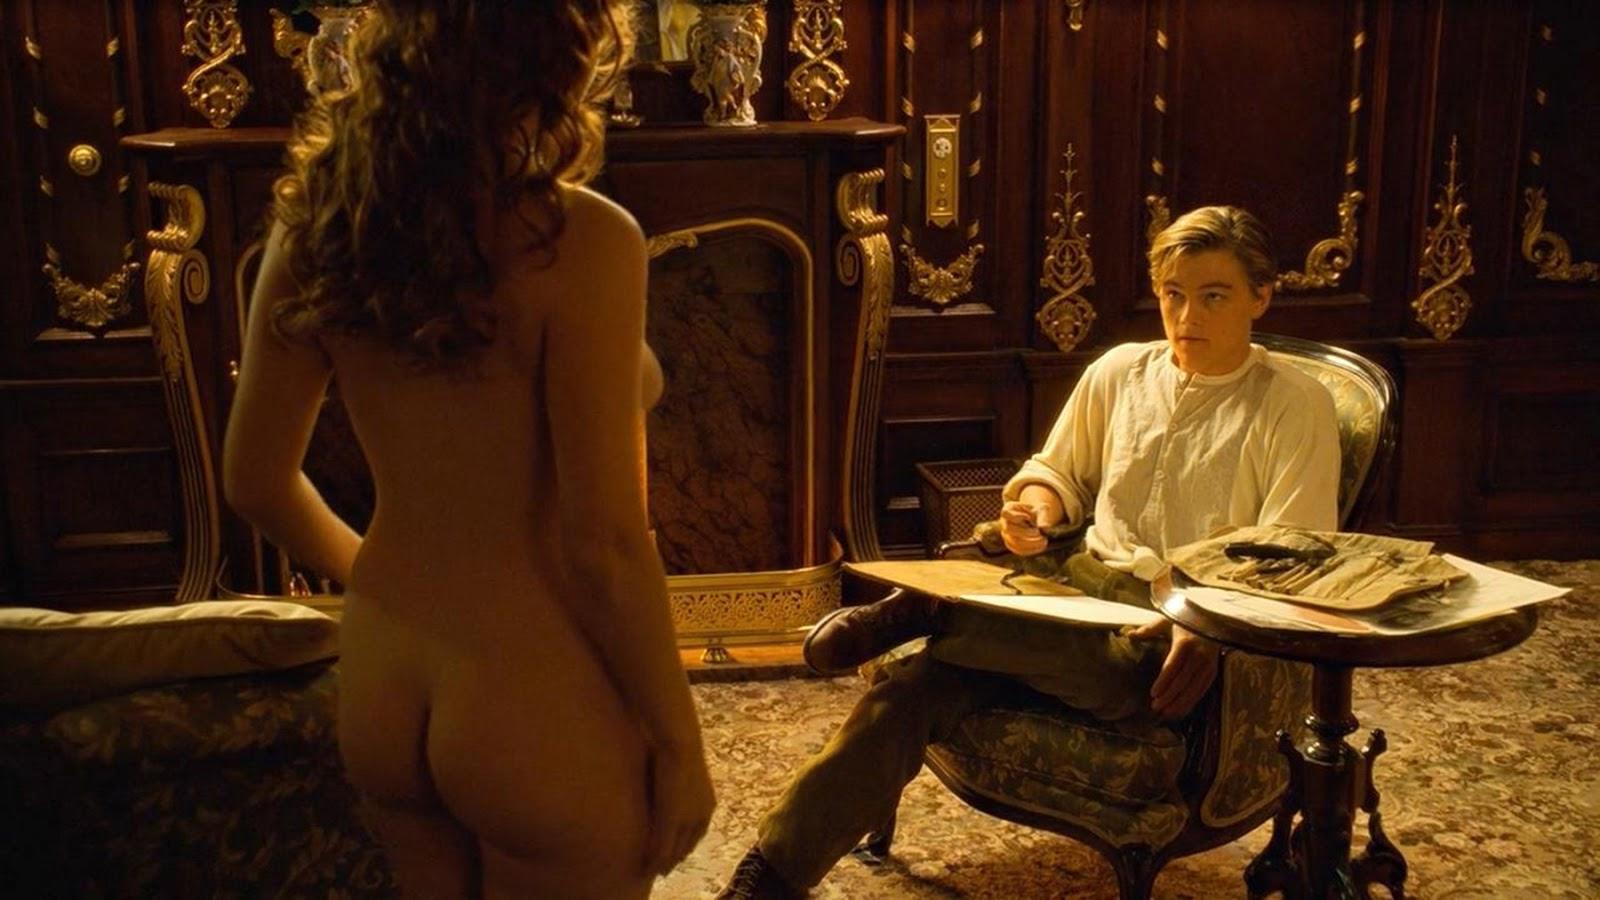 Celebrity Nude Century: Top 10 Nude Scenes In Cinema: celebritynudecentury.blogspot.com/2013/05/top-10-nude-scenes-in...